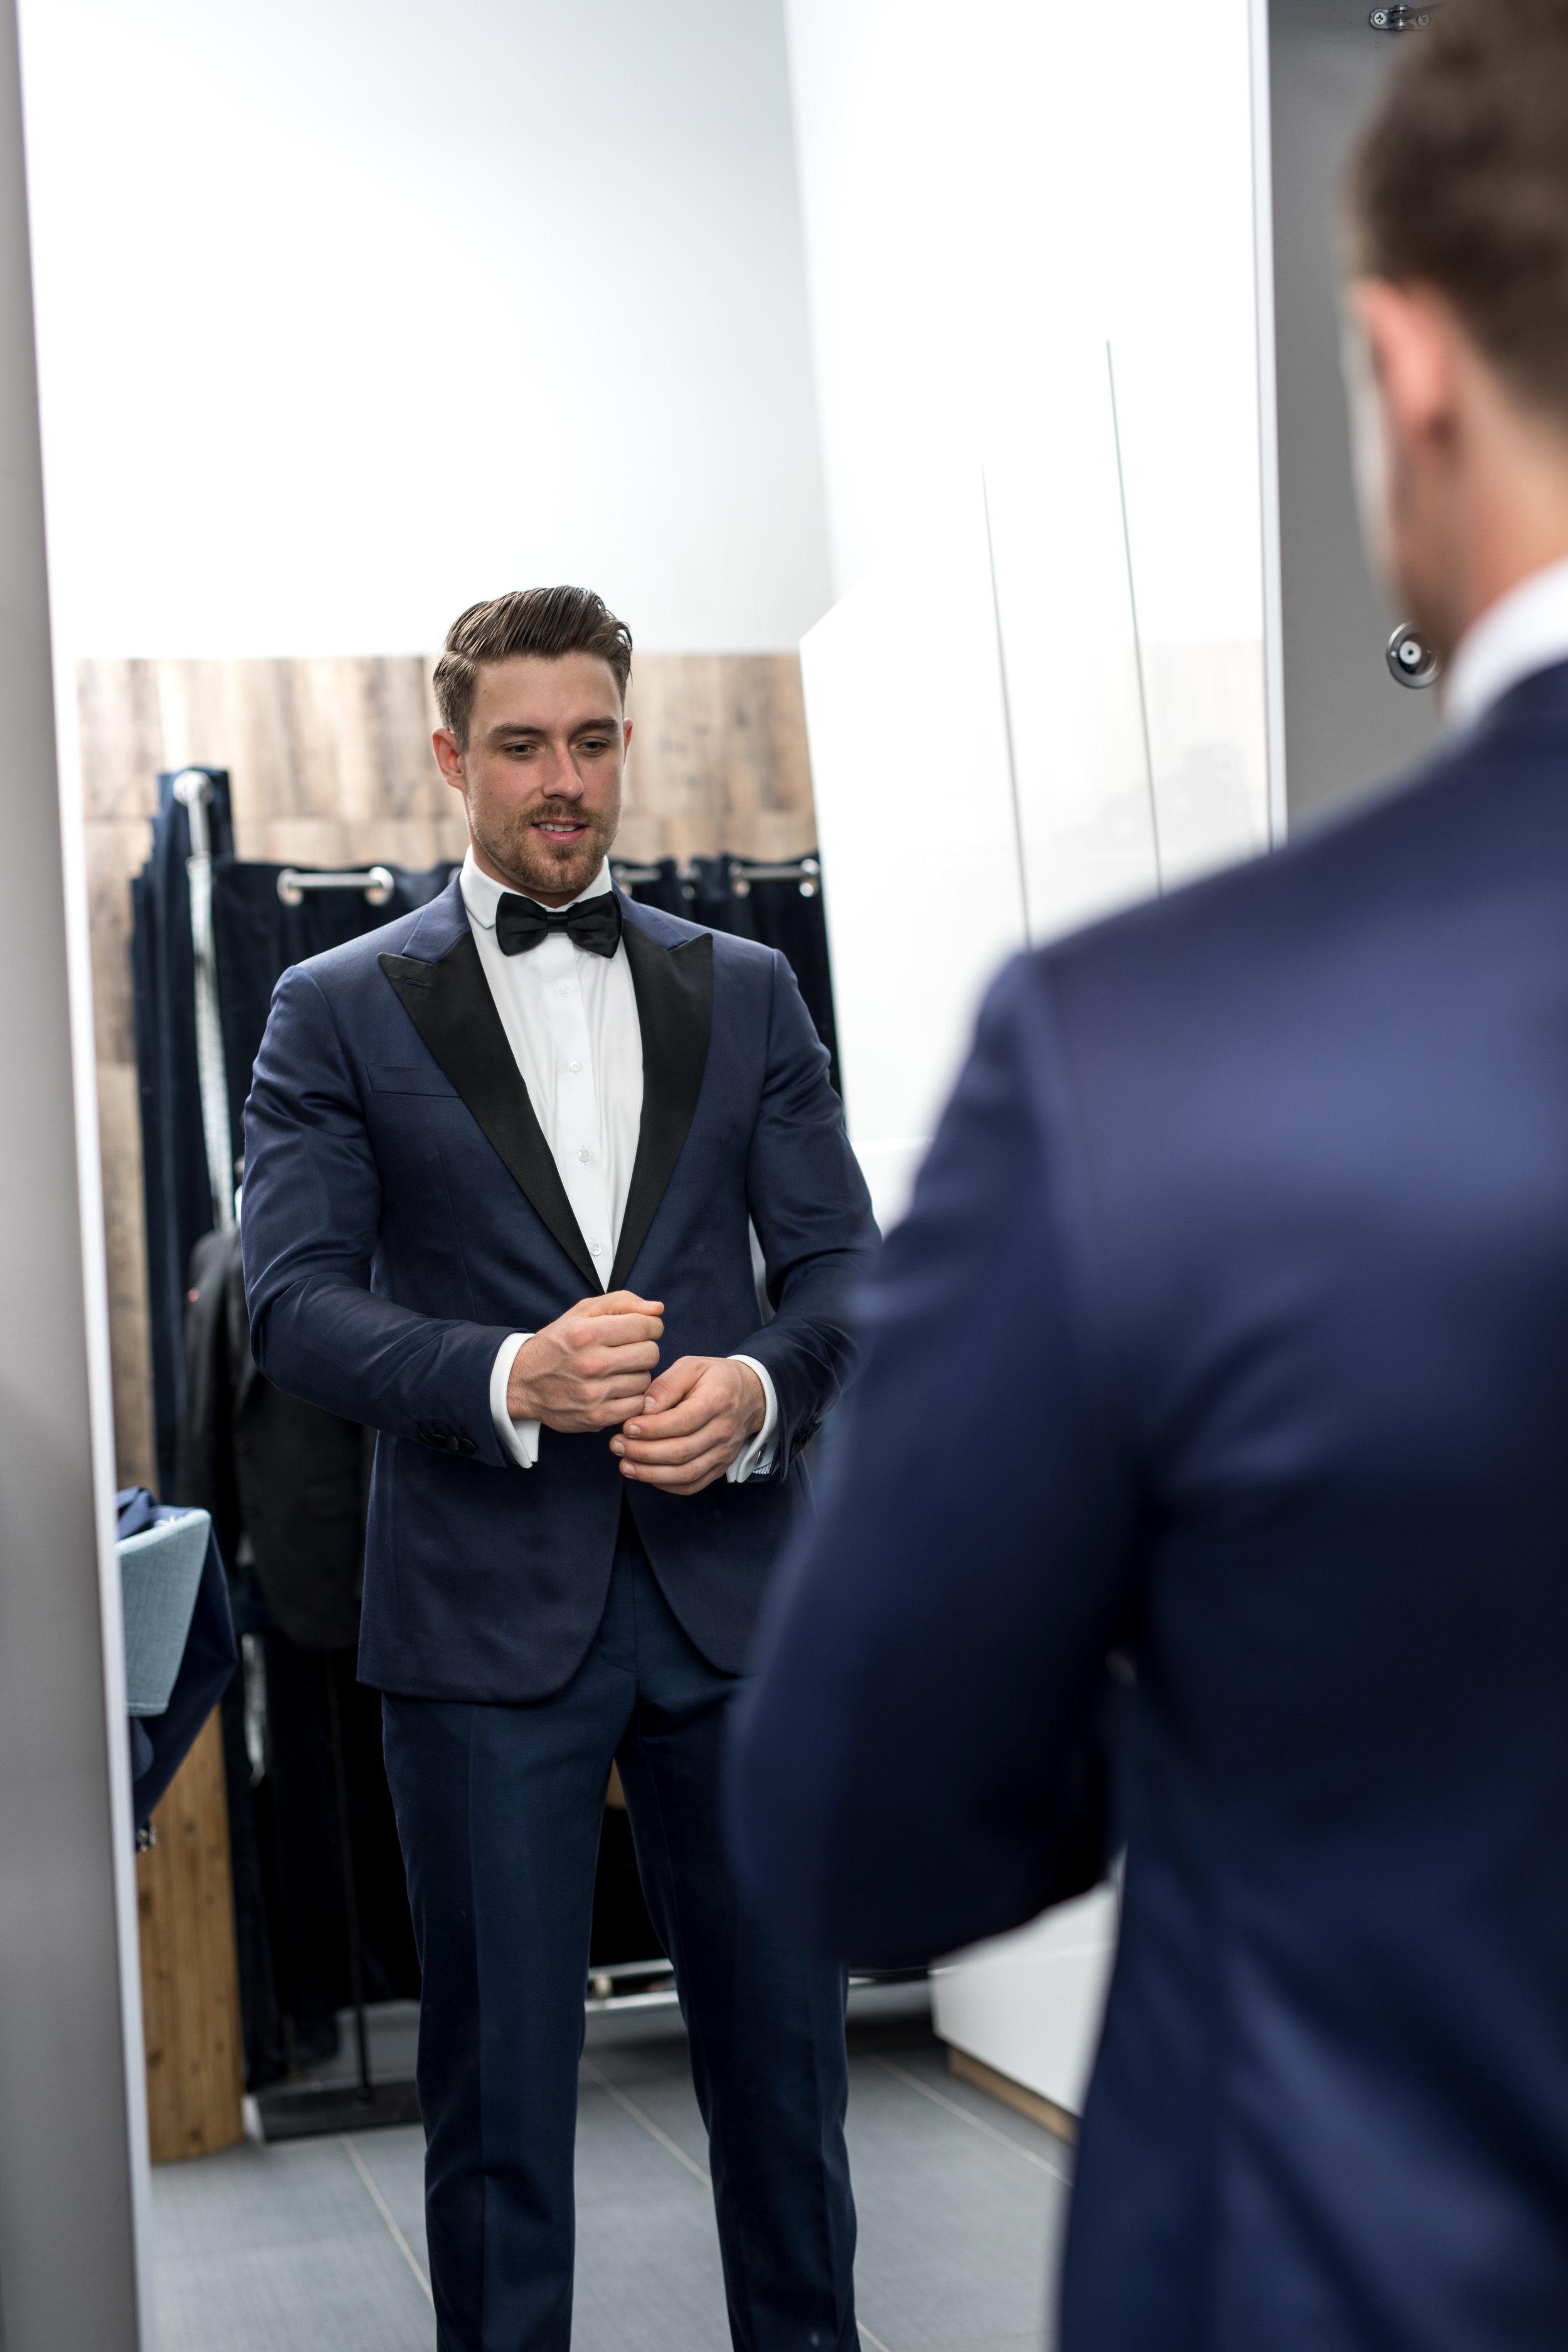 Bespoke-Custom-suit-Tuxedo-vancouver.jpg